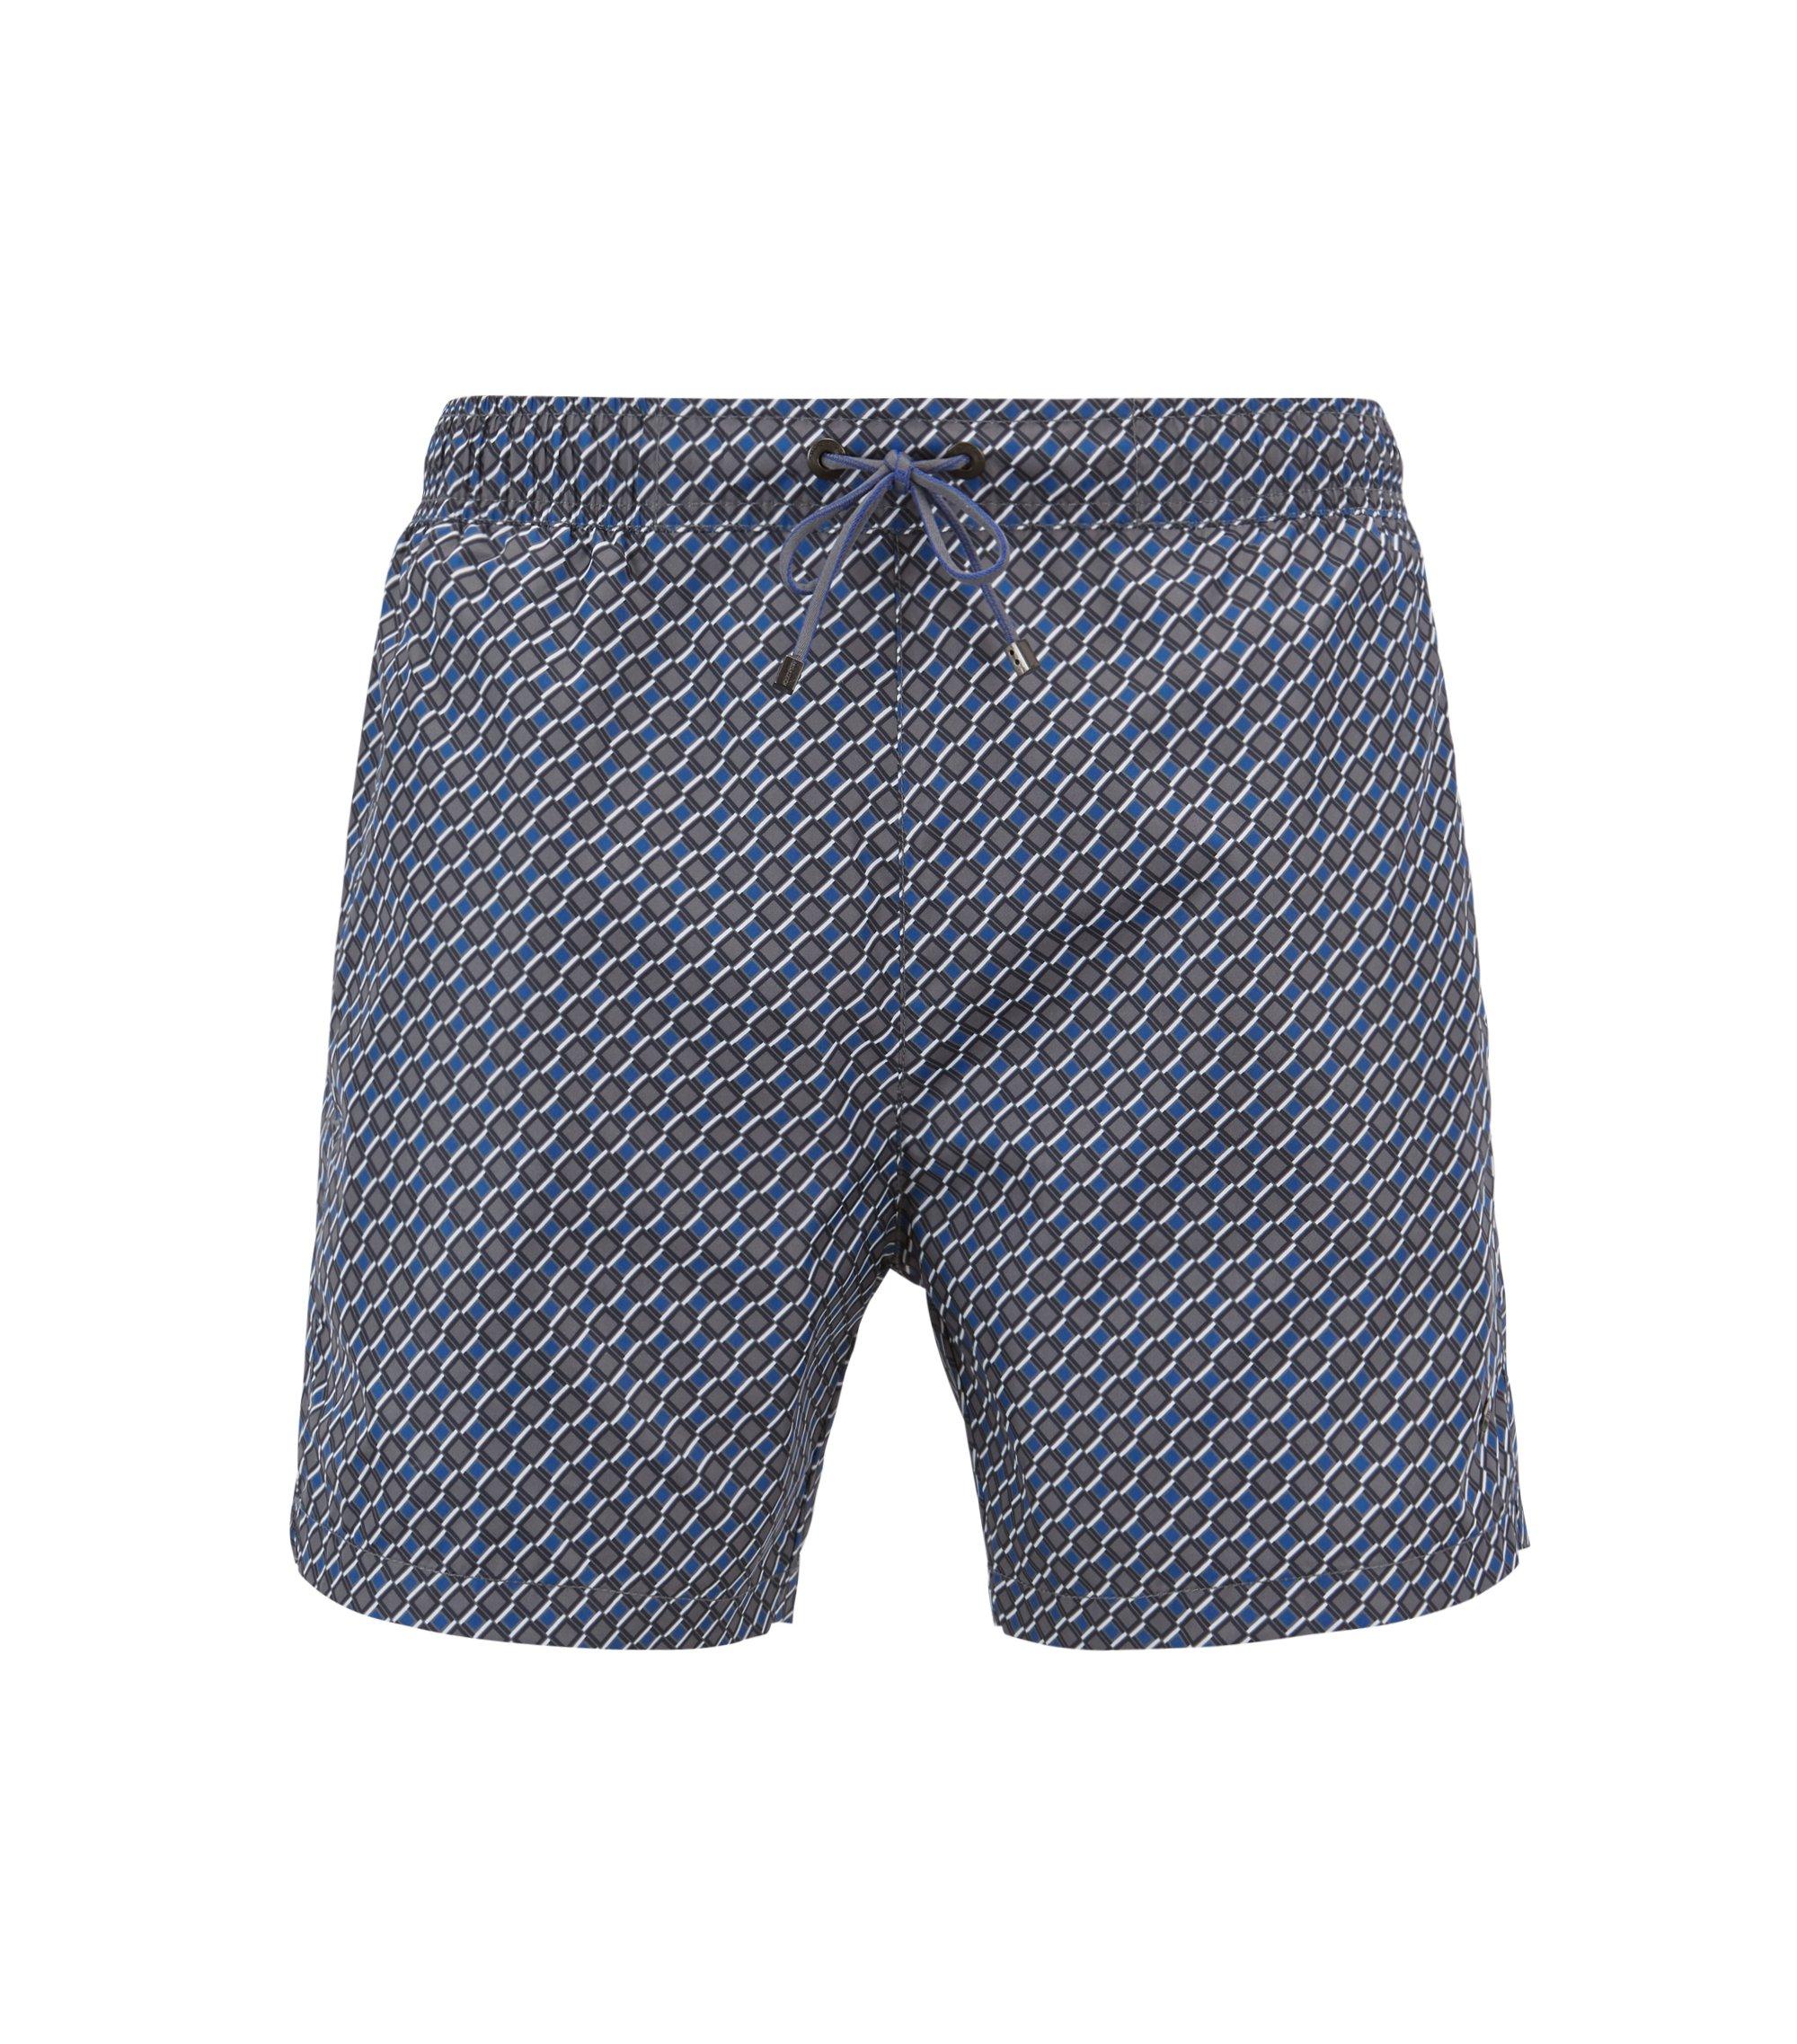 Léger short de bain à motif doté d'une taille élastique, Bleu vif